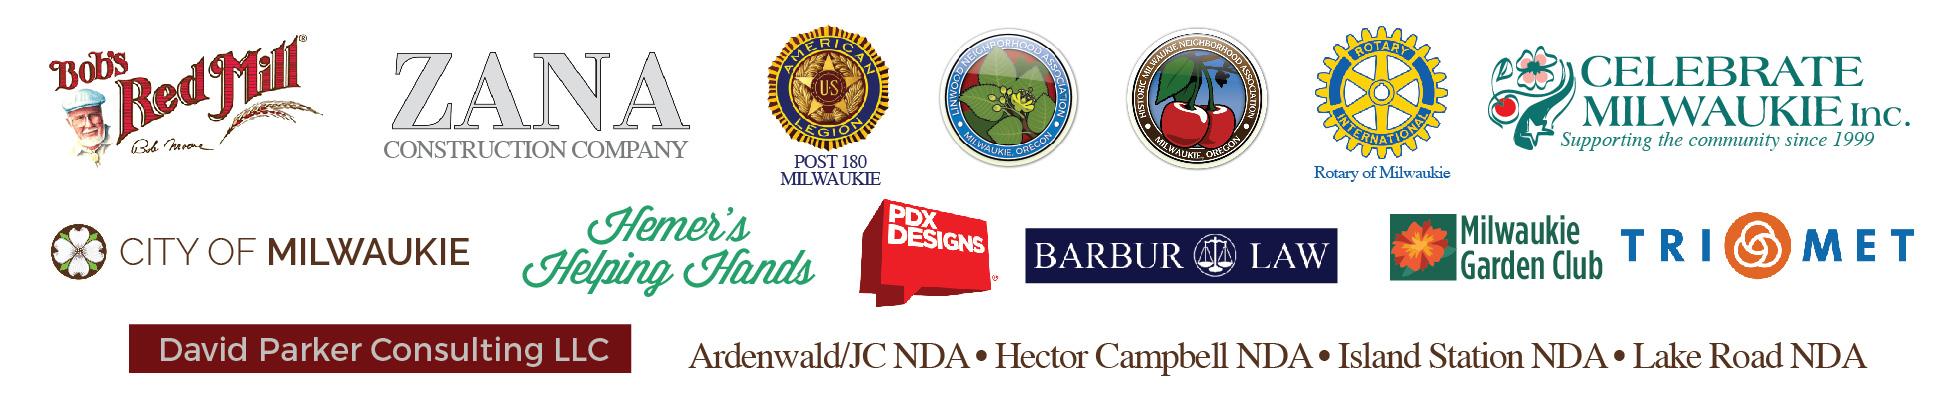 Milwaukie Museum sponsors